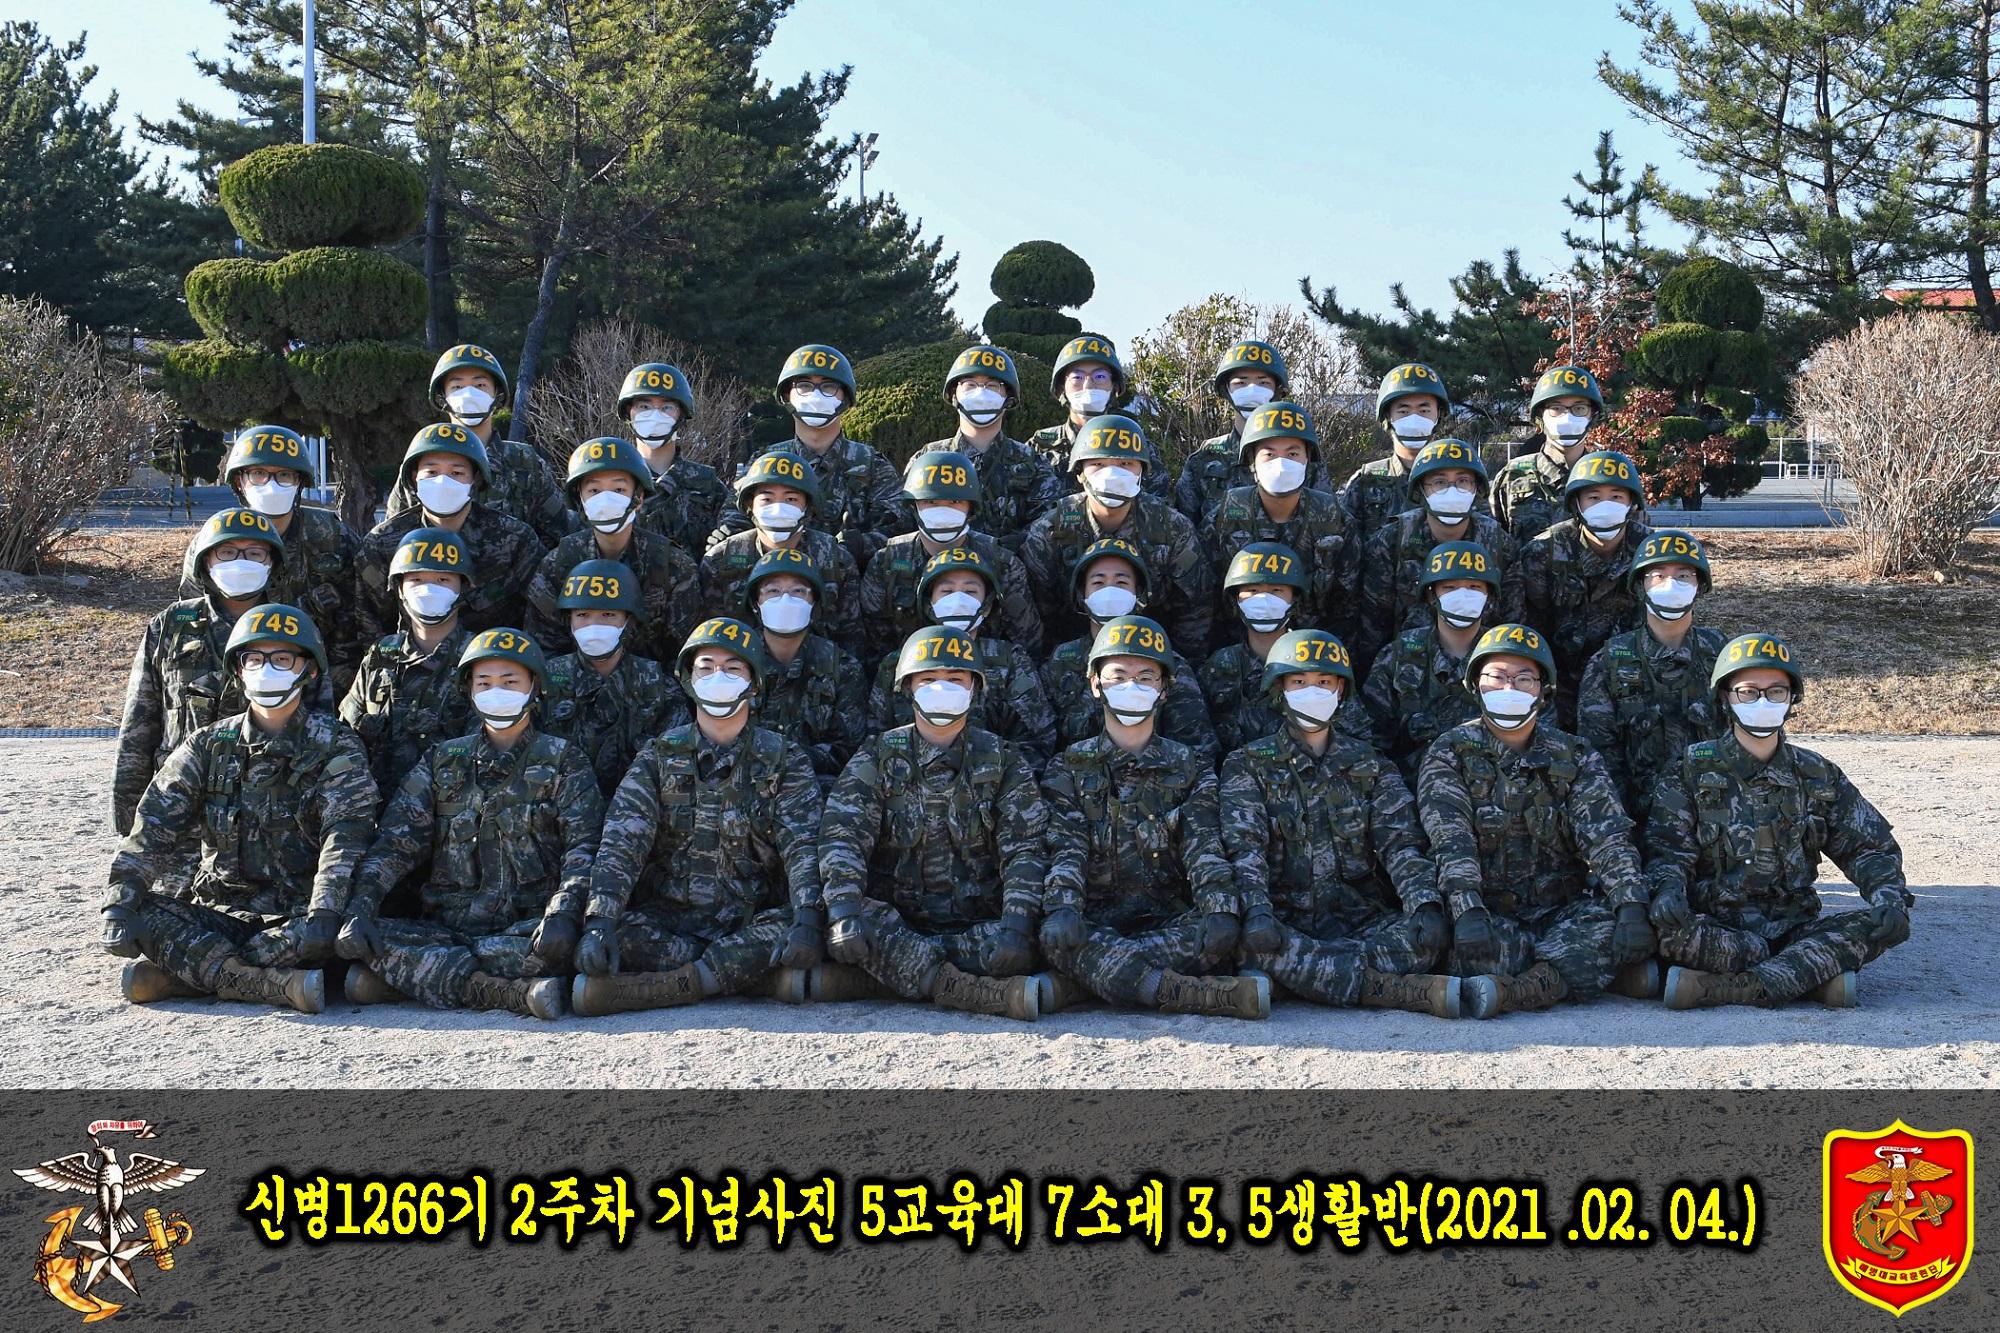 해병대 신병 1266기 5교육대 3주차 생활반 사진 12.jpg